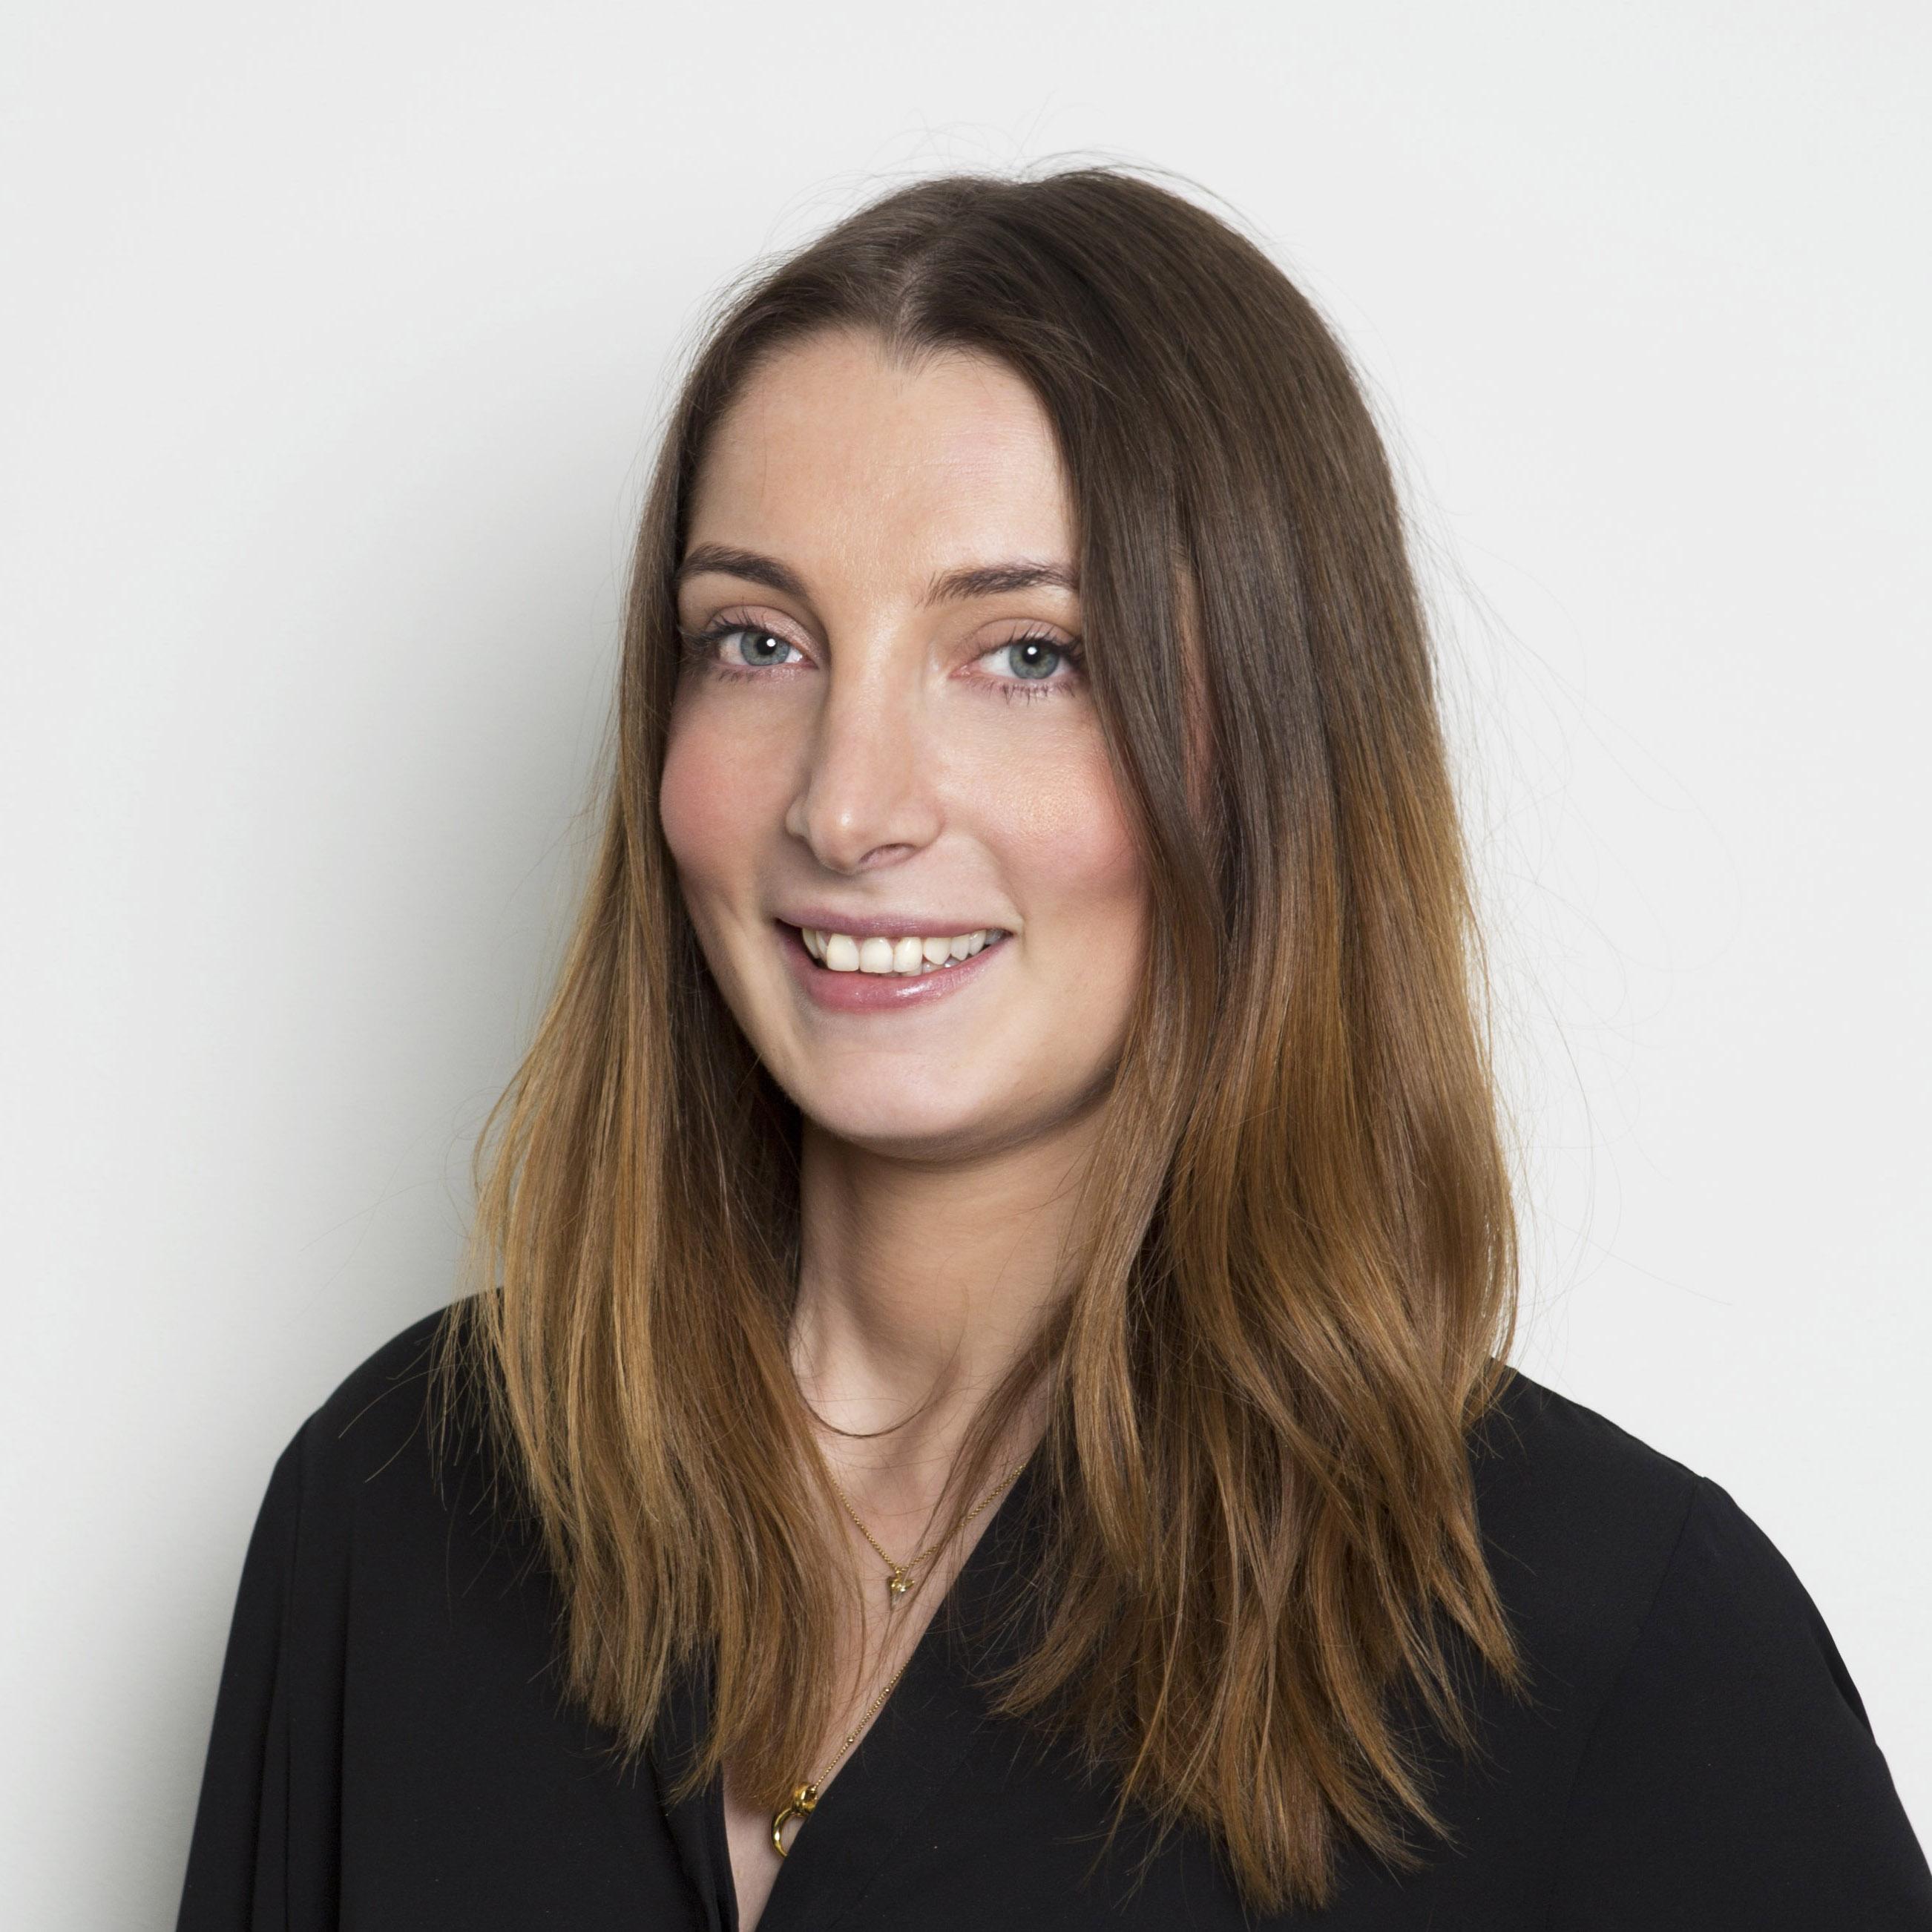 Stefanie Colley Headshot